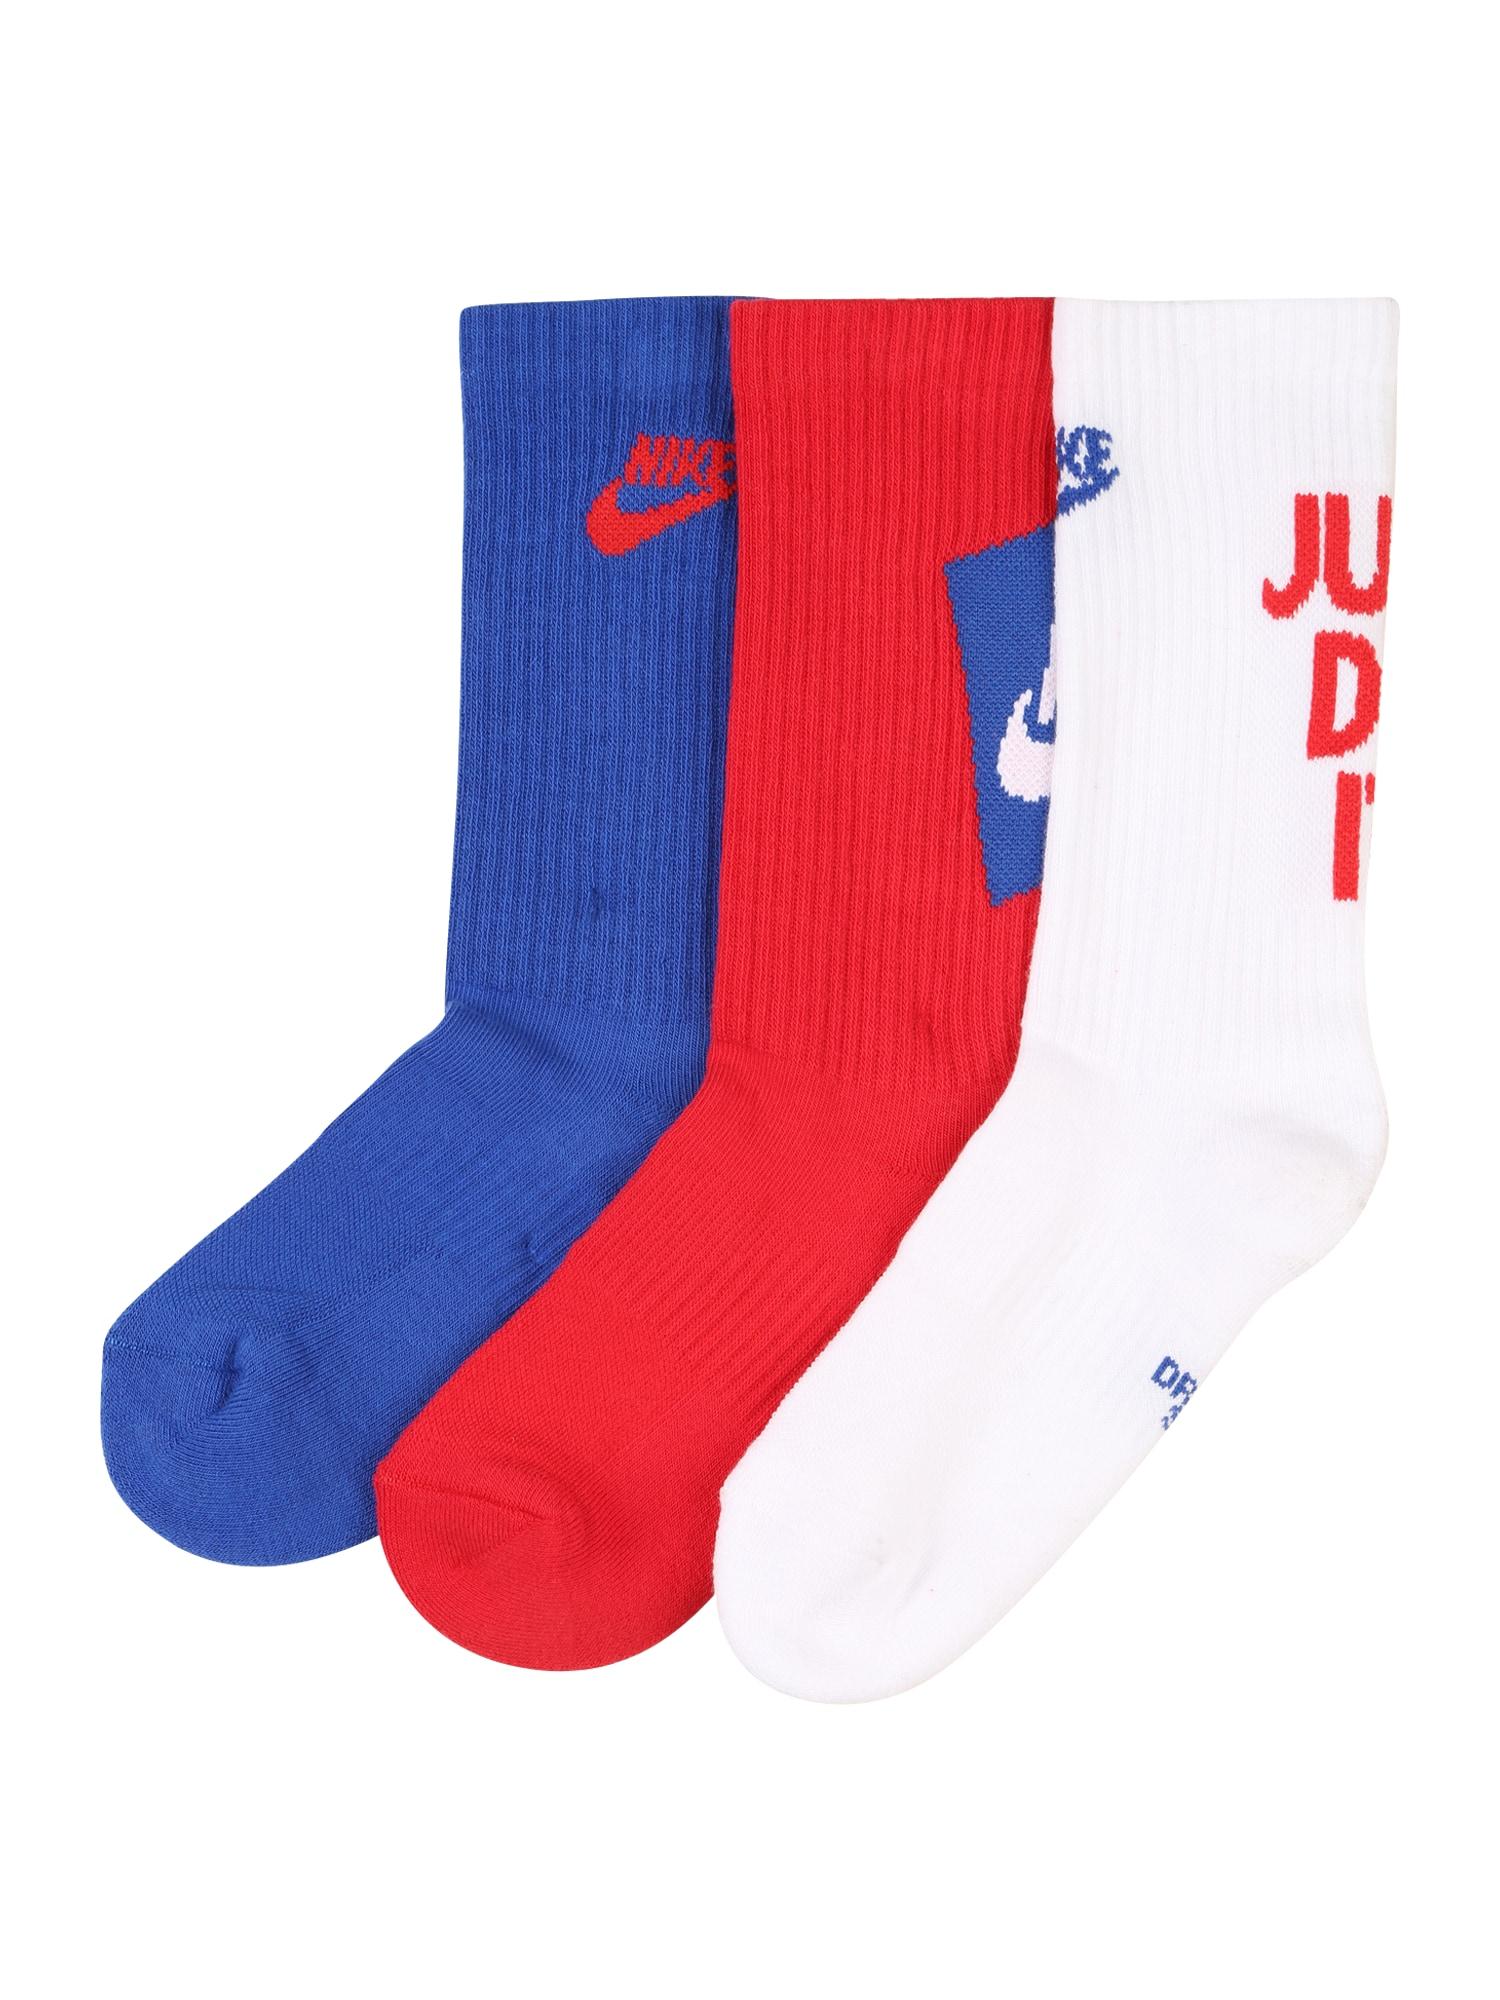 NIKE Sportinės kojinės mėlyna / raudona / balta